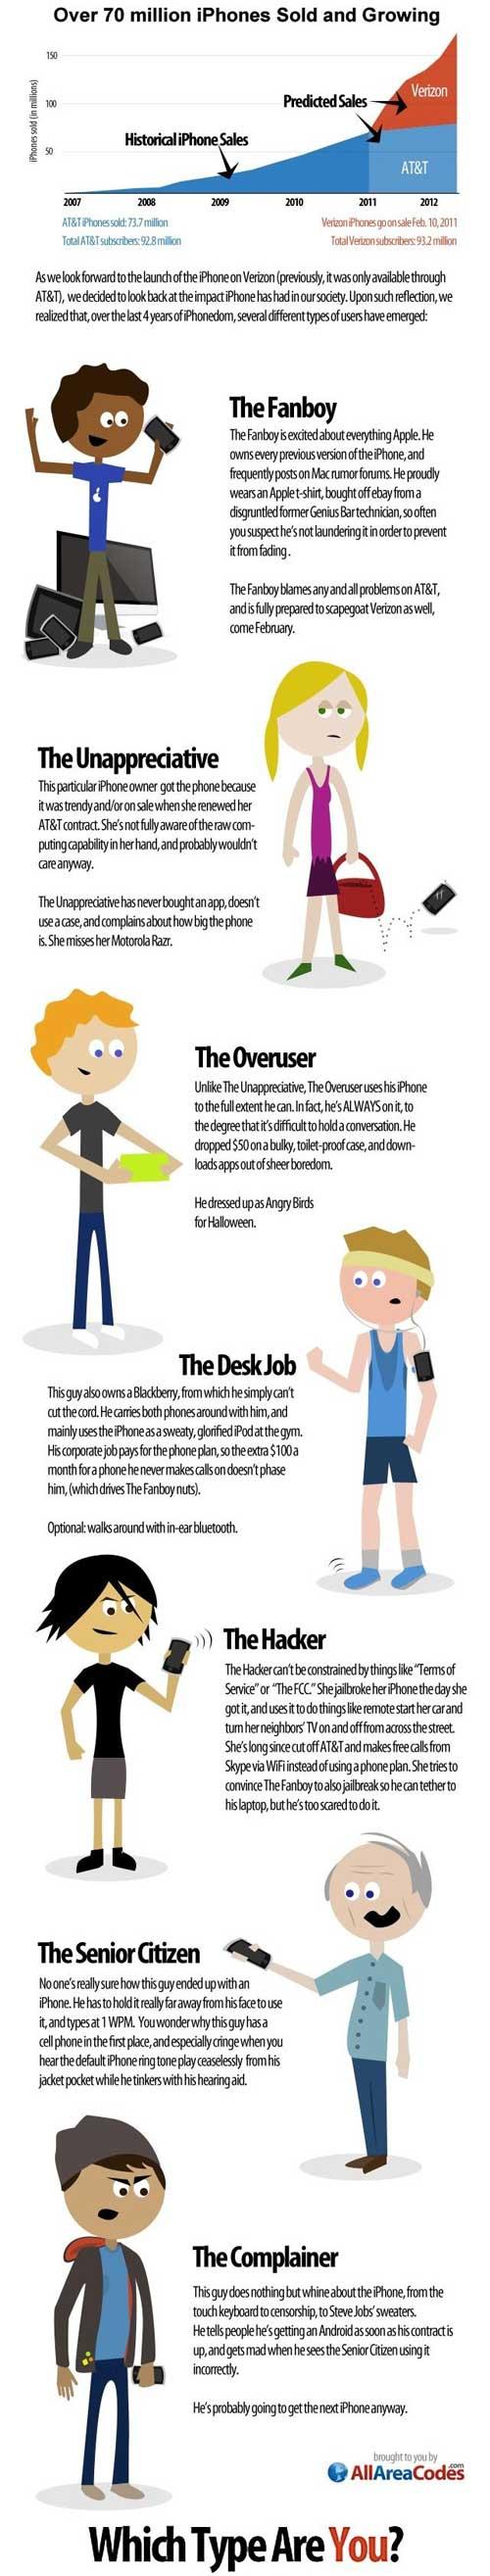 Infografia: 7 tipos de usuarios del iPhone 1